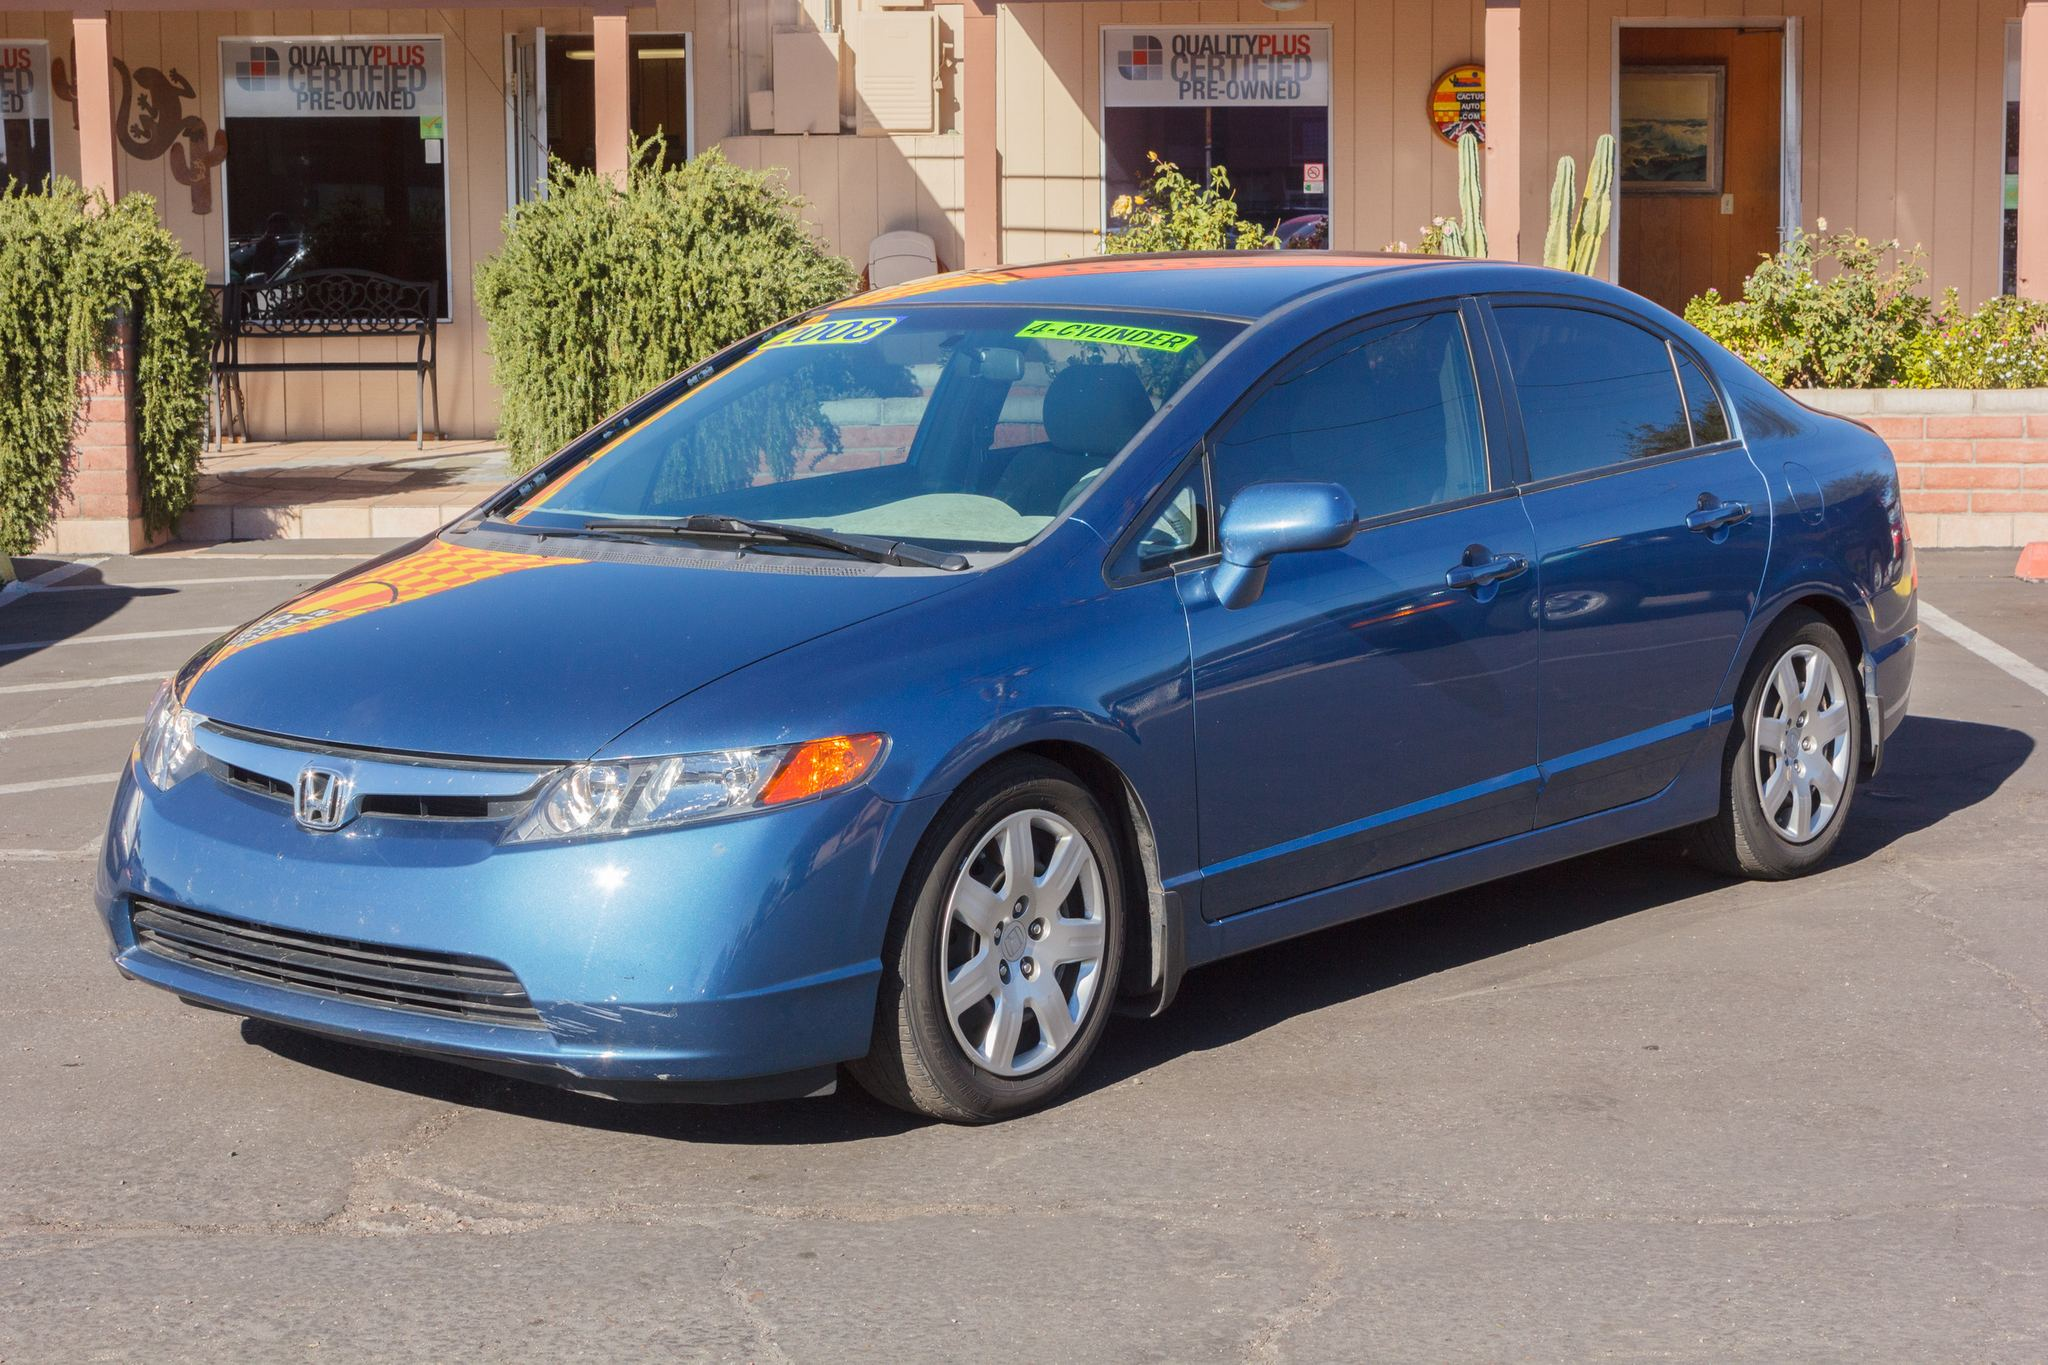 Photo of 2008 Honda Civic Sedan 4d Sedan LX Auto Fiji Blue Pearl